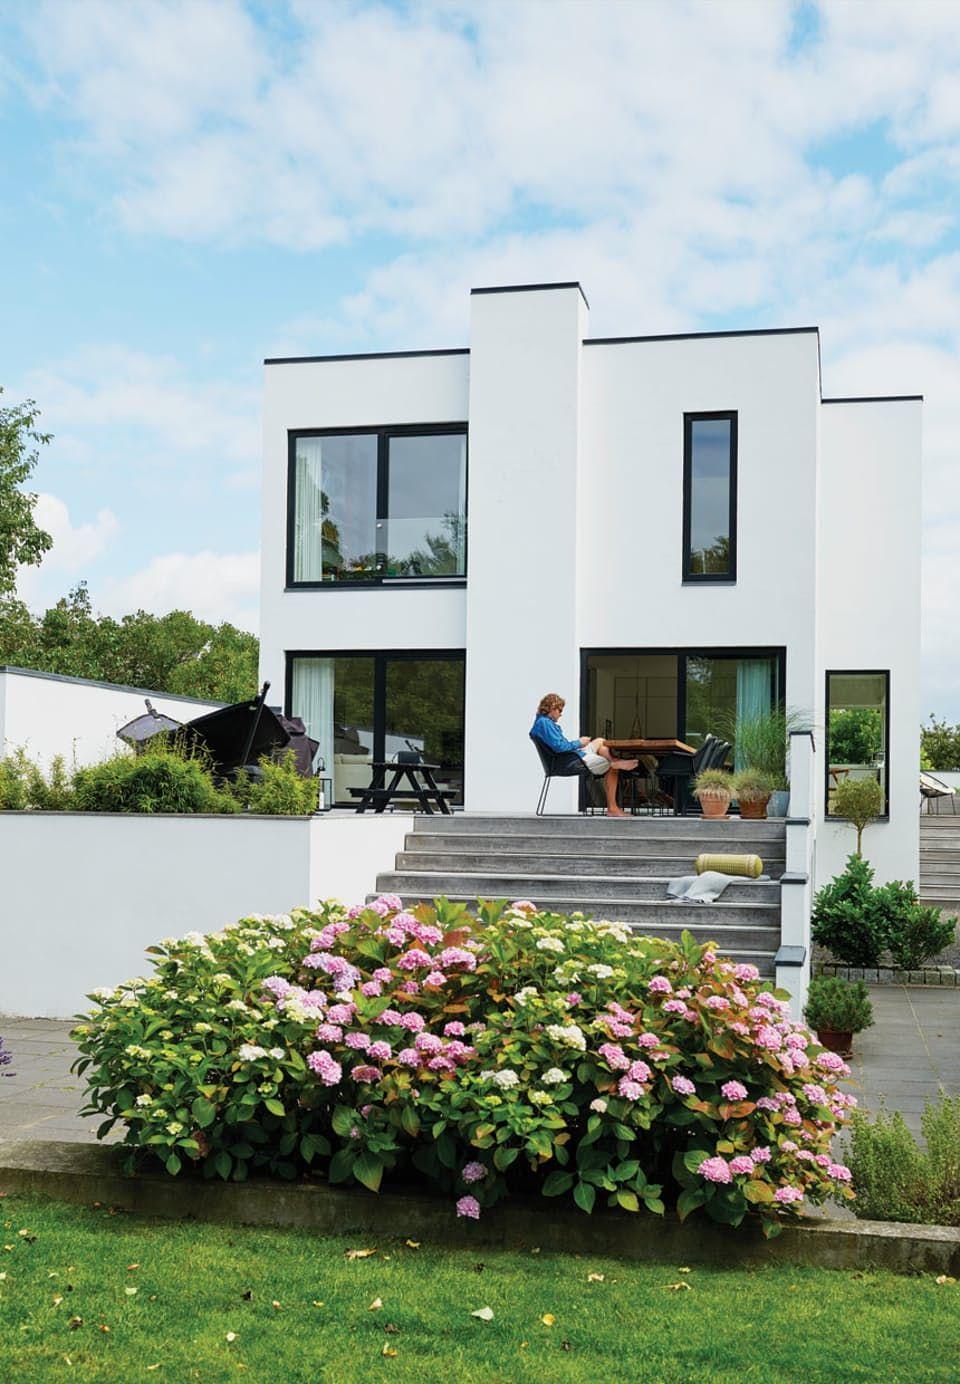 Pin von Ann Svensson auf House inspiration | Pinterest